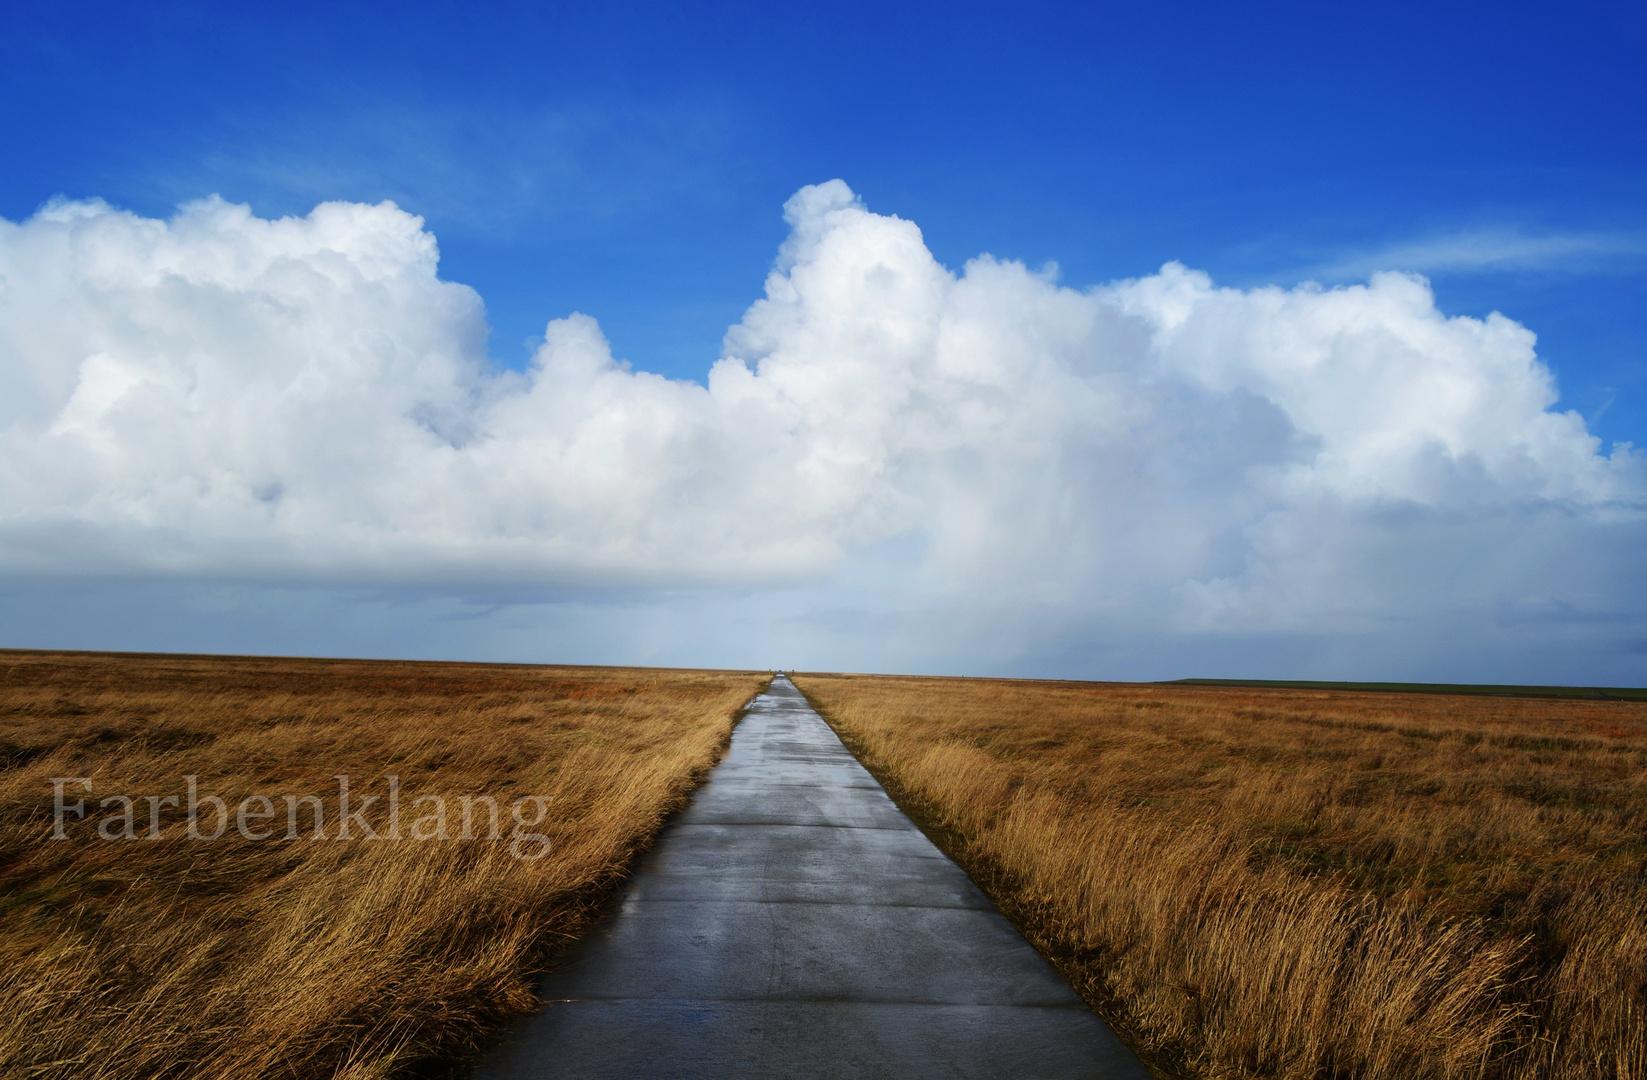 Geh deinen eigenen Weg